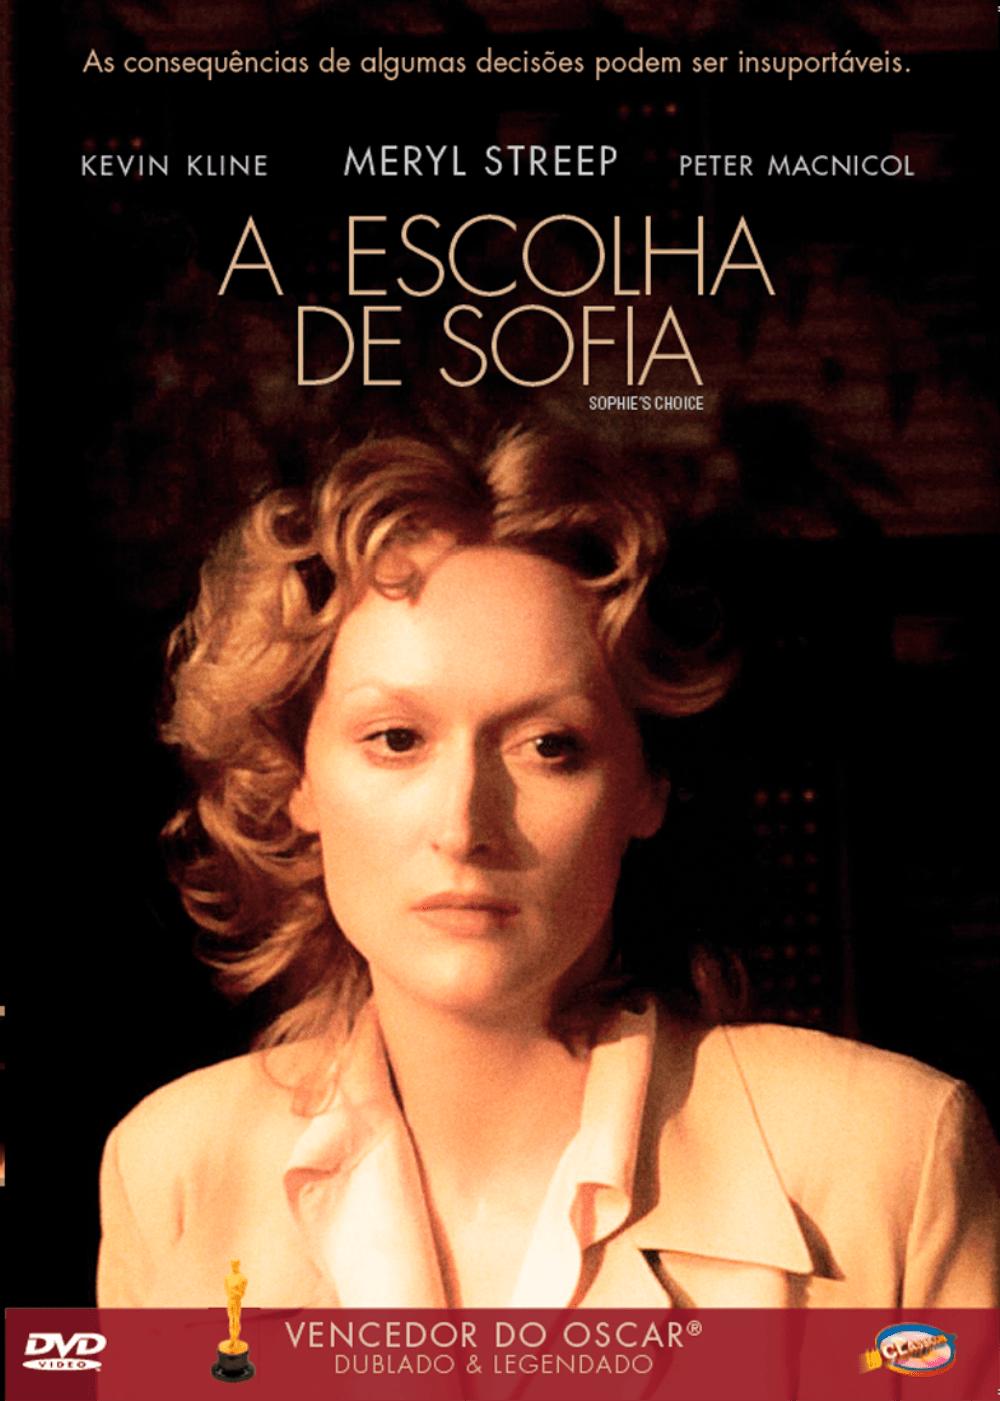 A Escolha De Sofia - DVD - Saraiva